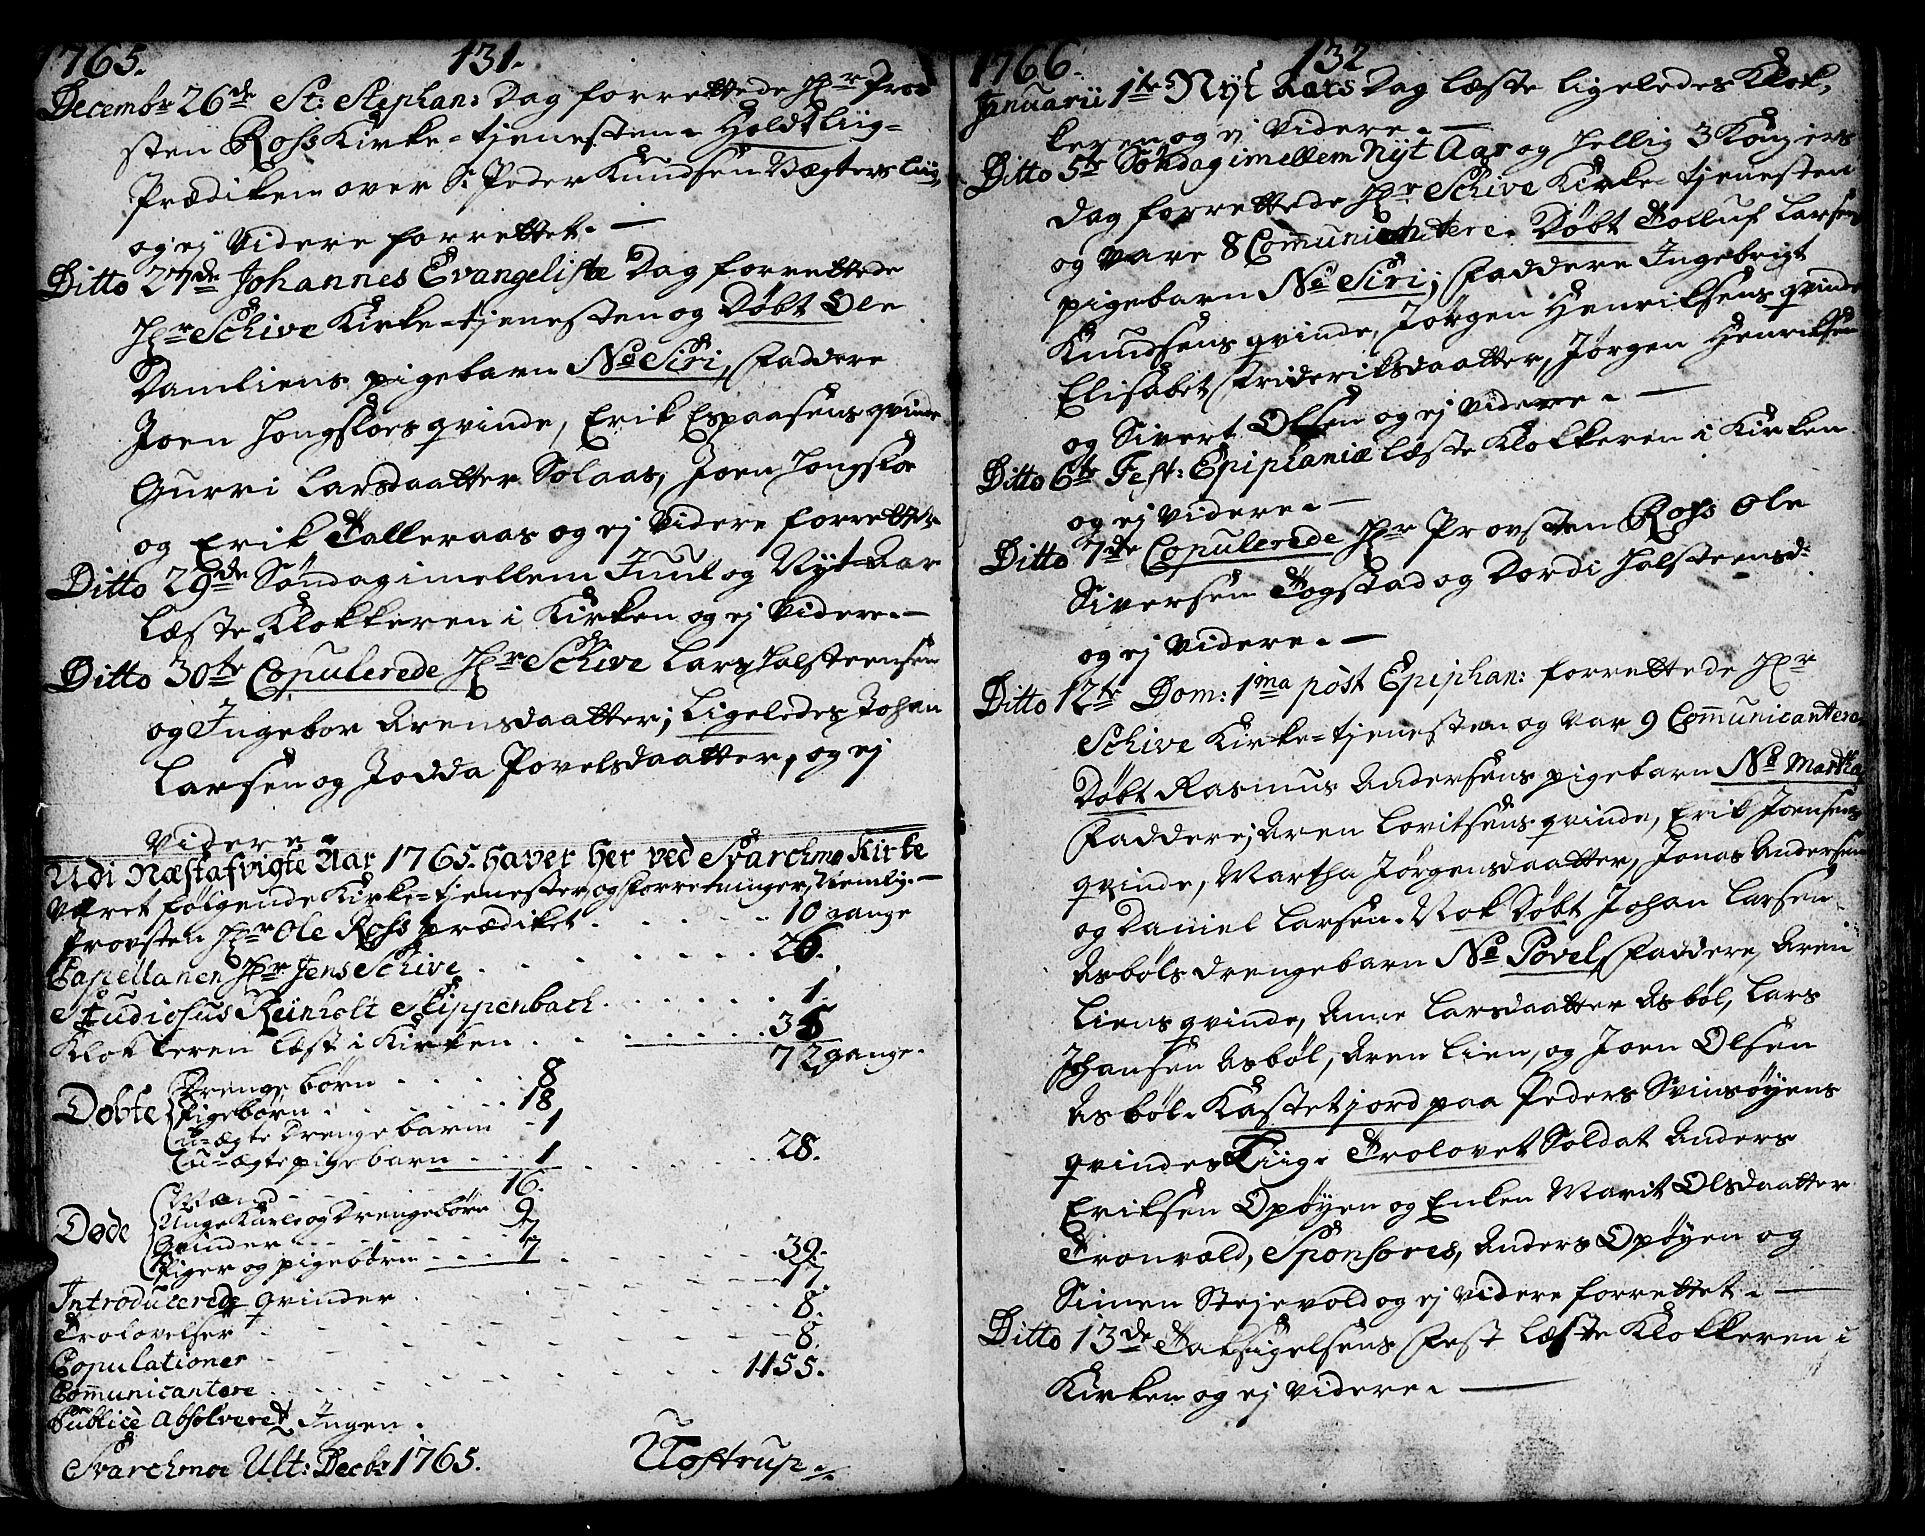 SAT, Ministerialprotokoller, klokkerbøker og fødselsregistre - Sør-Trøndelag, 671/L0840: Ministerialbok nr. 671A02, 1756-1794, s. 131-132